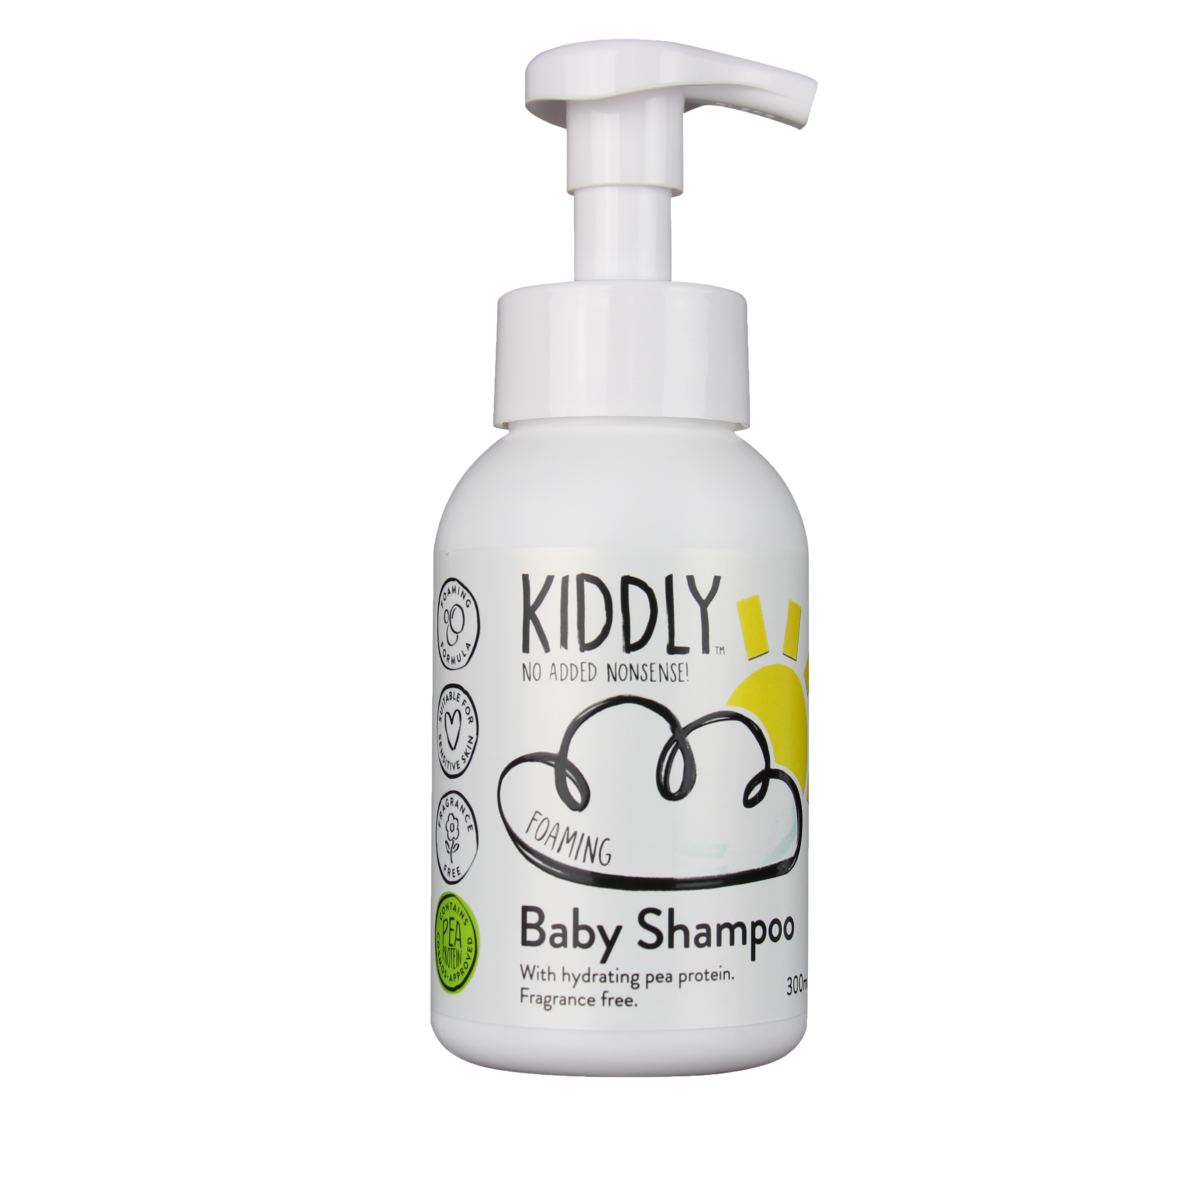 BABY SHAMPOO(オーガニック原料、ピープロテイン配合)